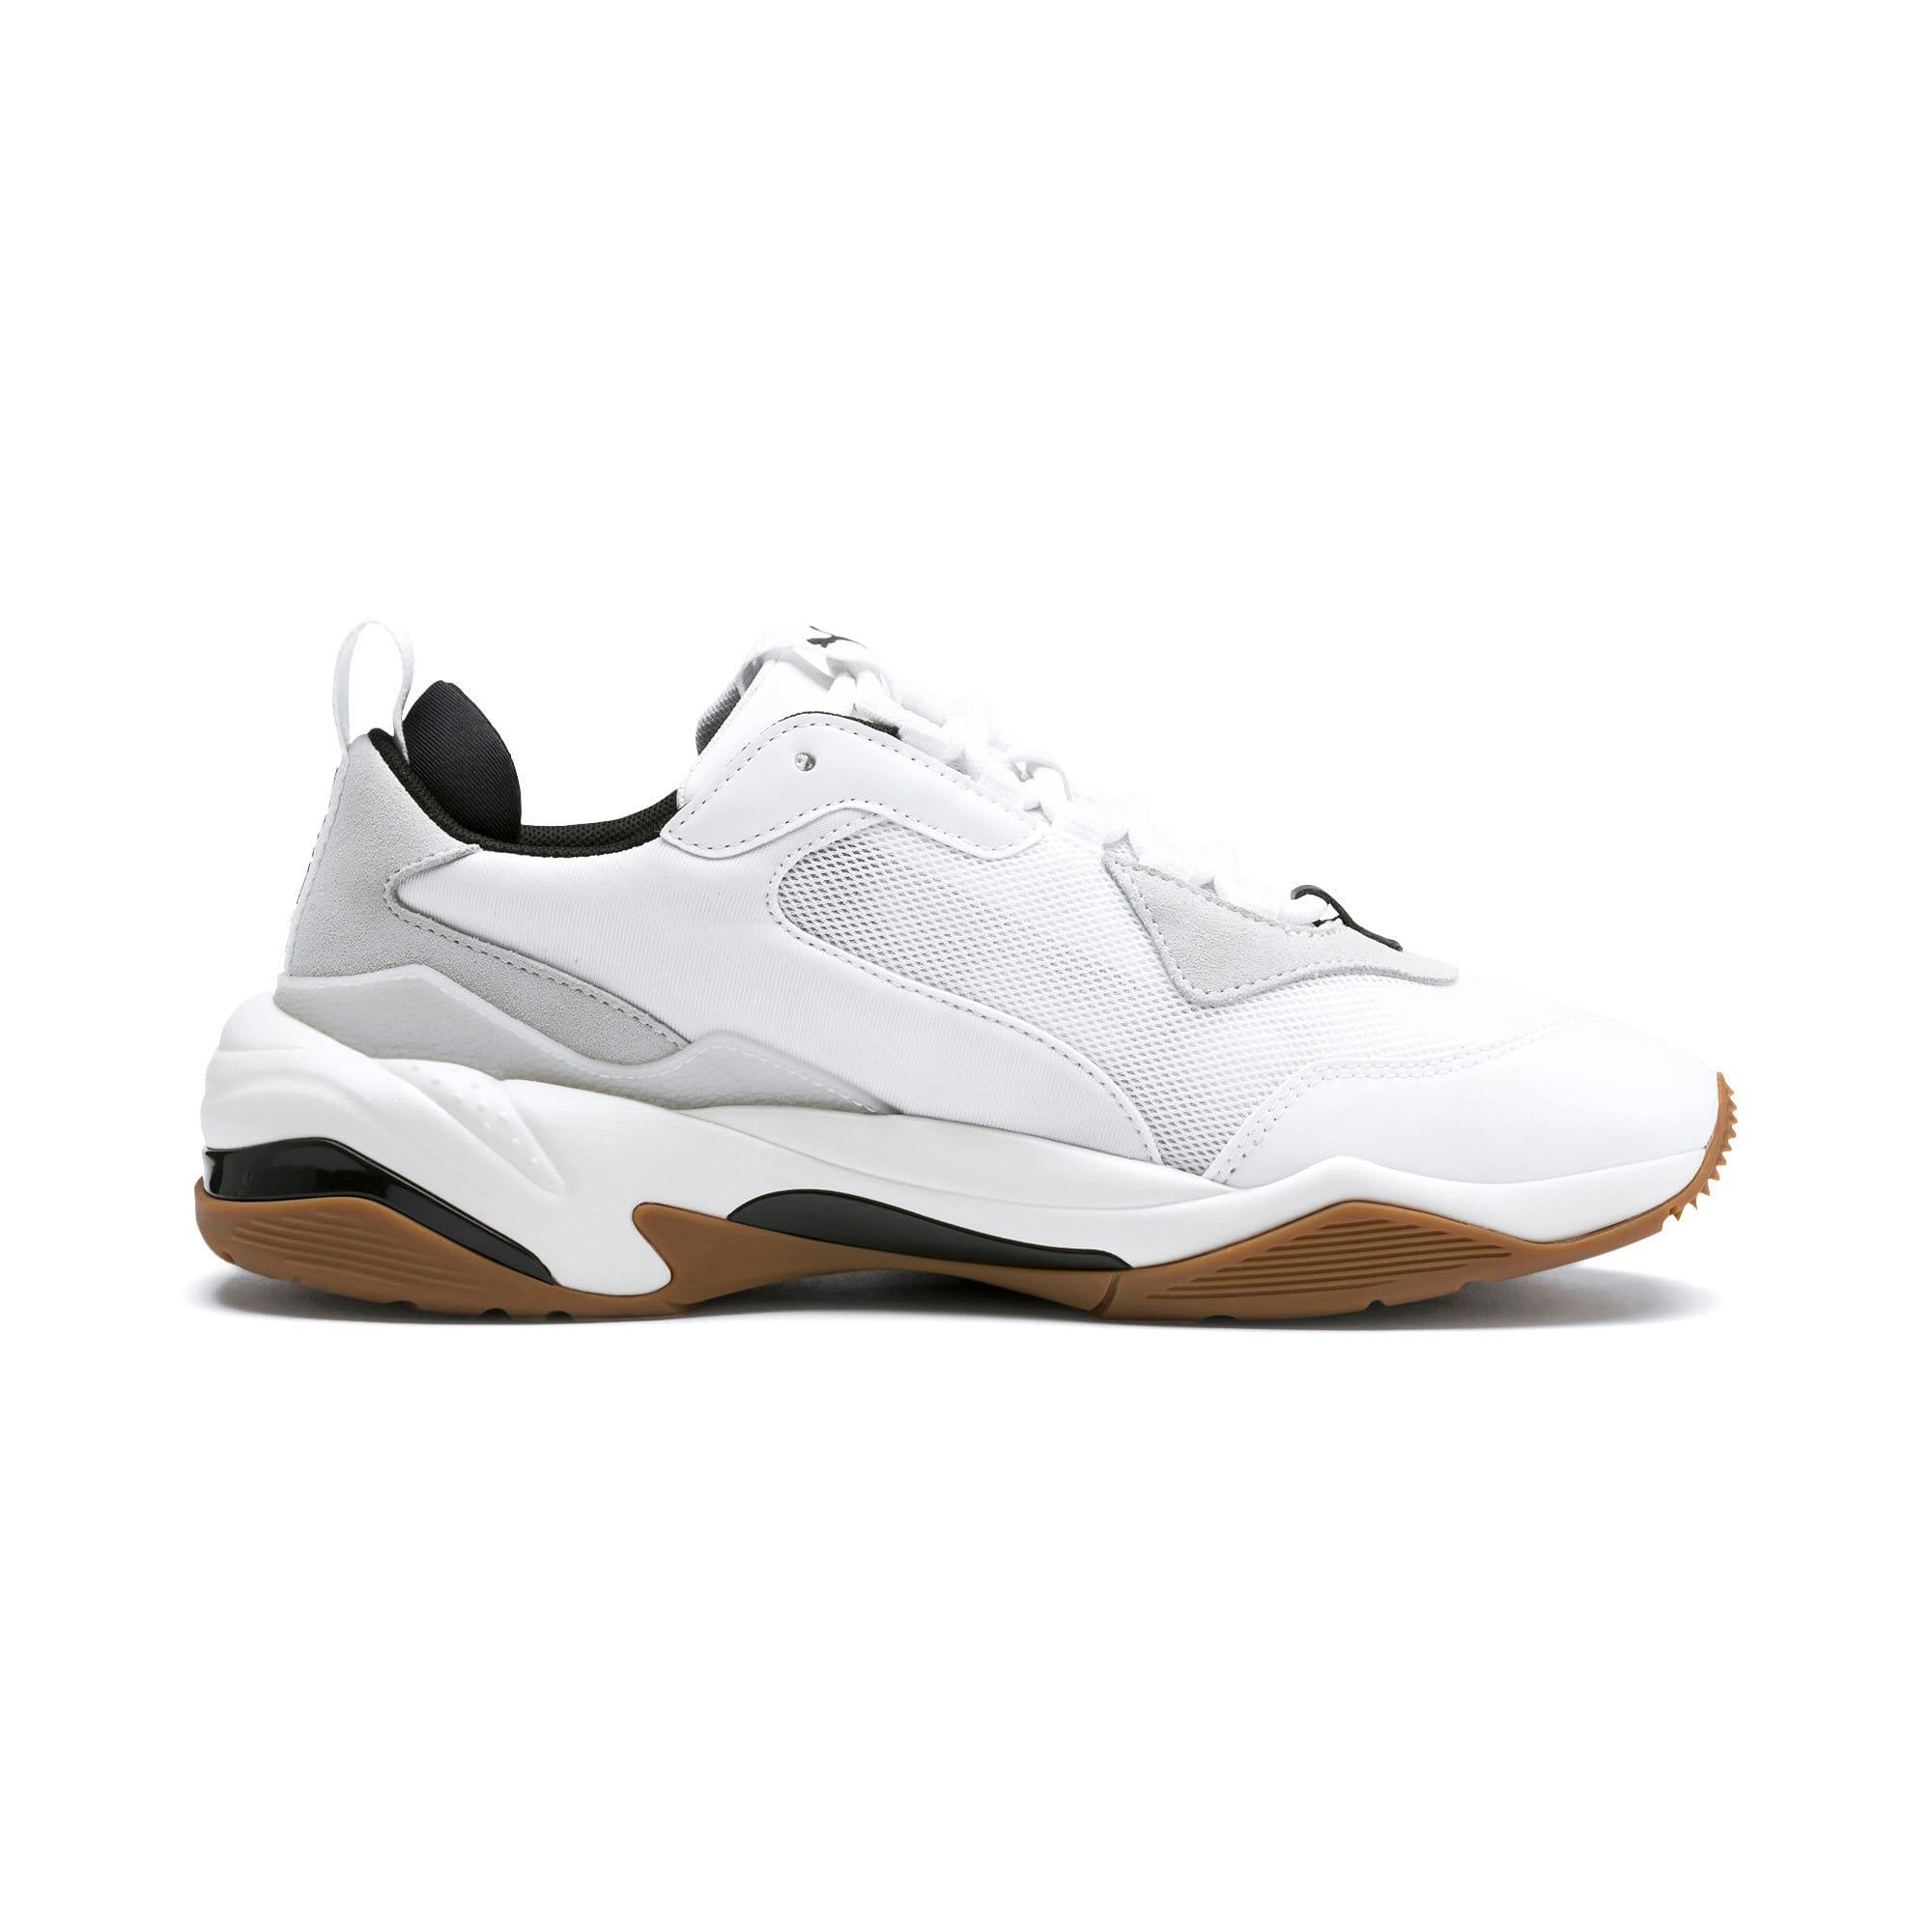 Thumbnail 6 of Thunder Fashion 2.0 sportschoenen, Puma White-Whisper White, medium